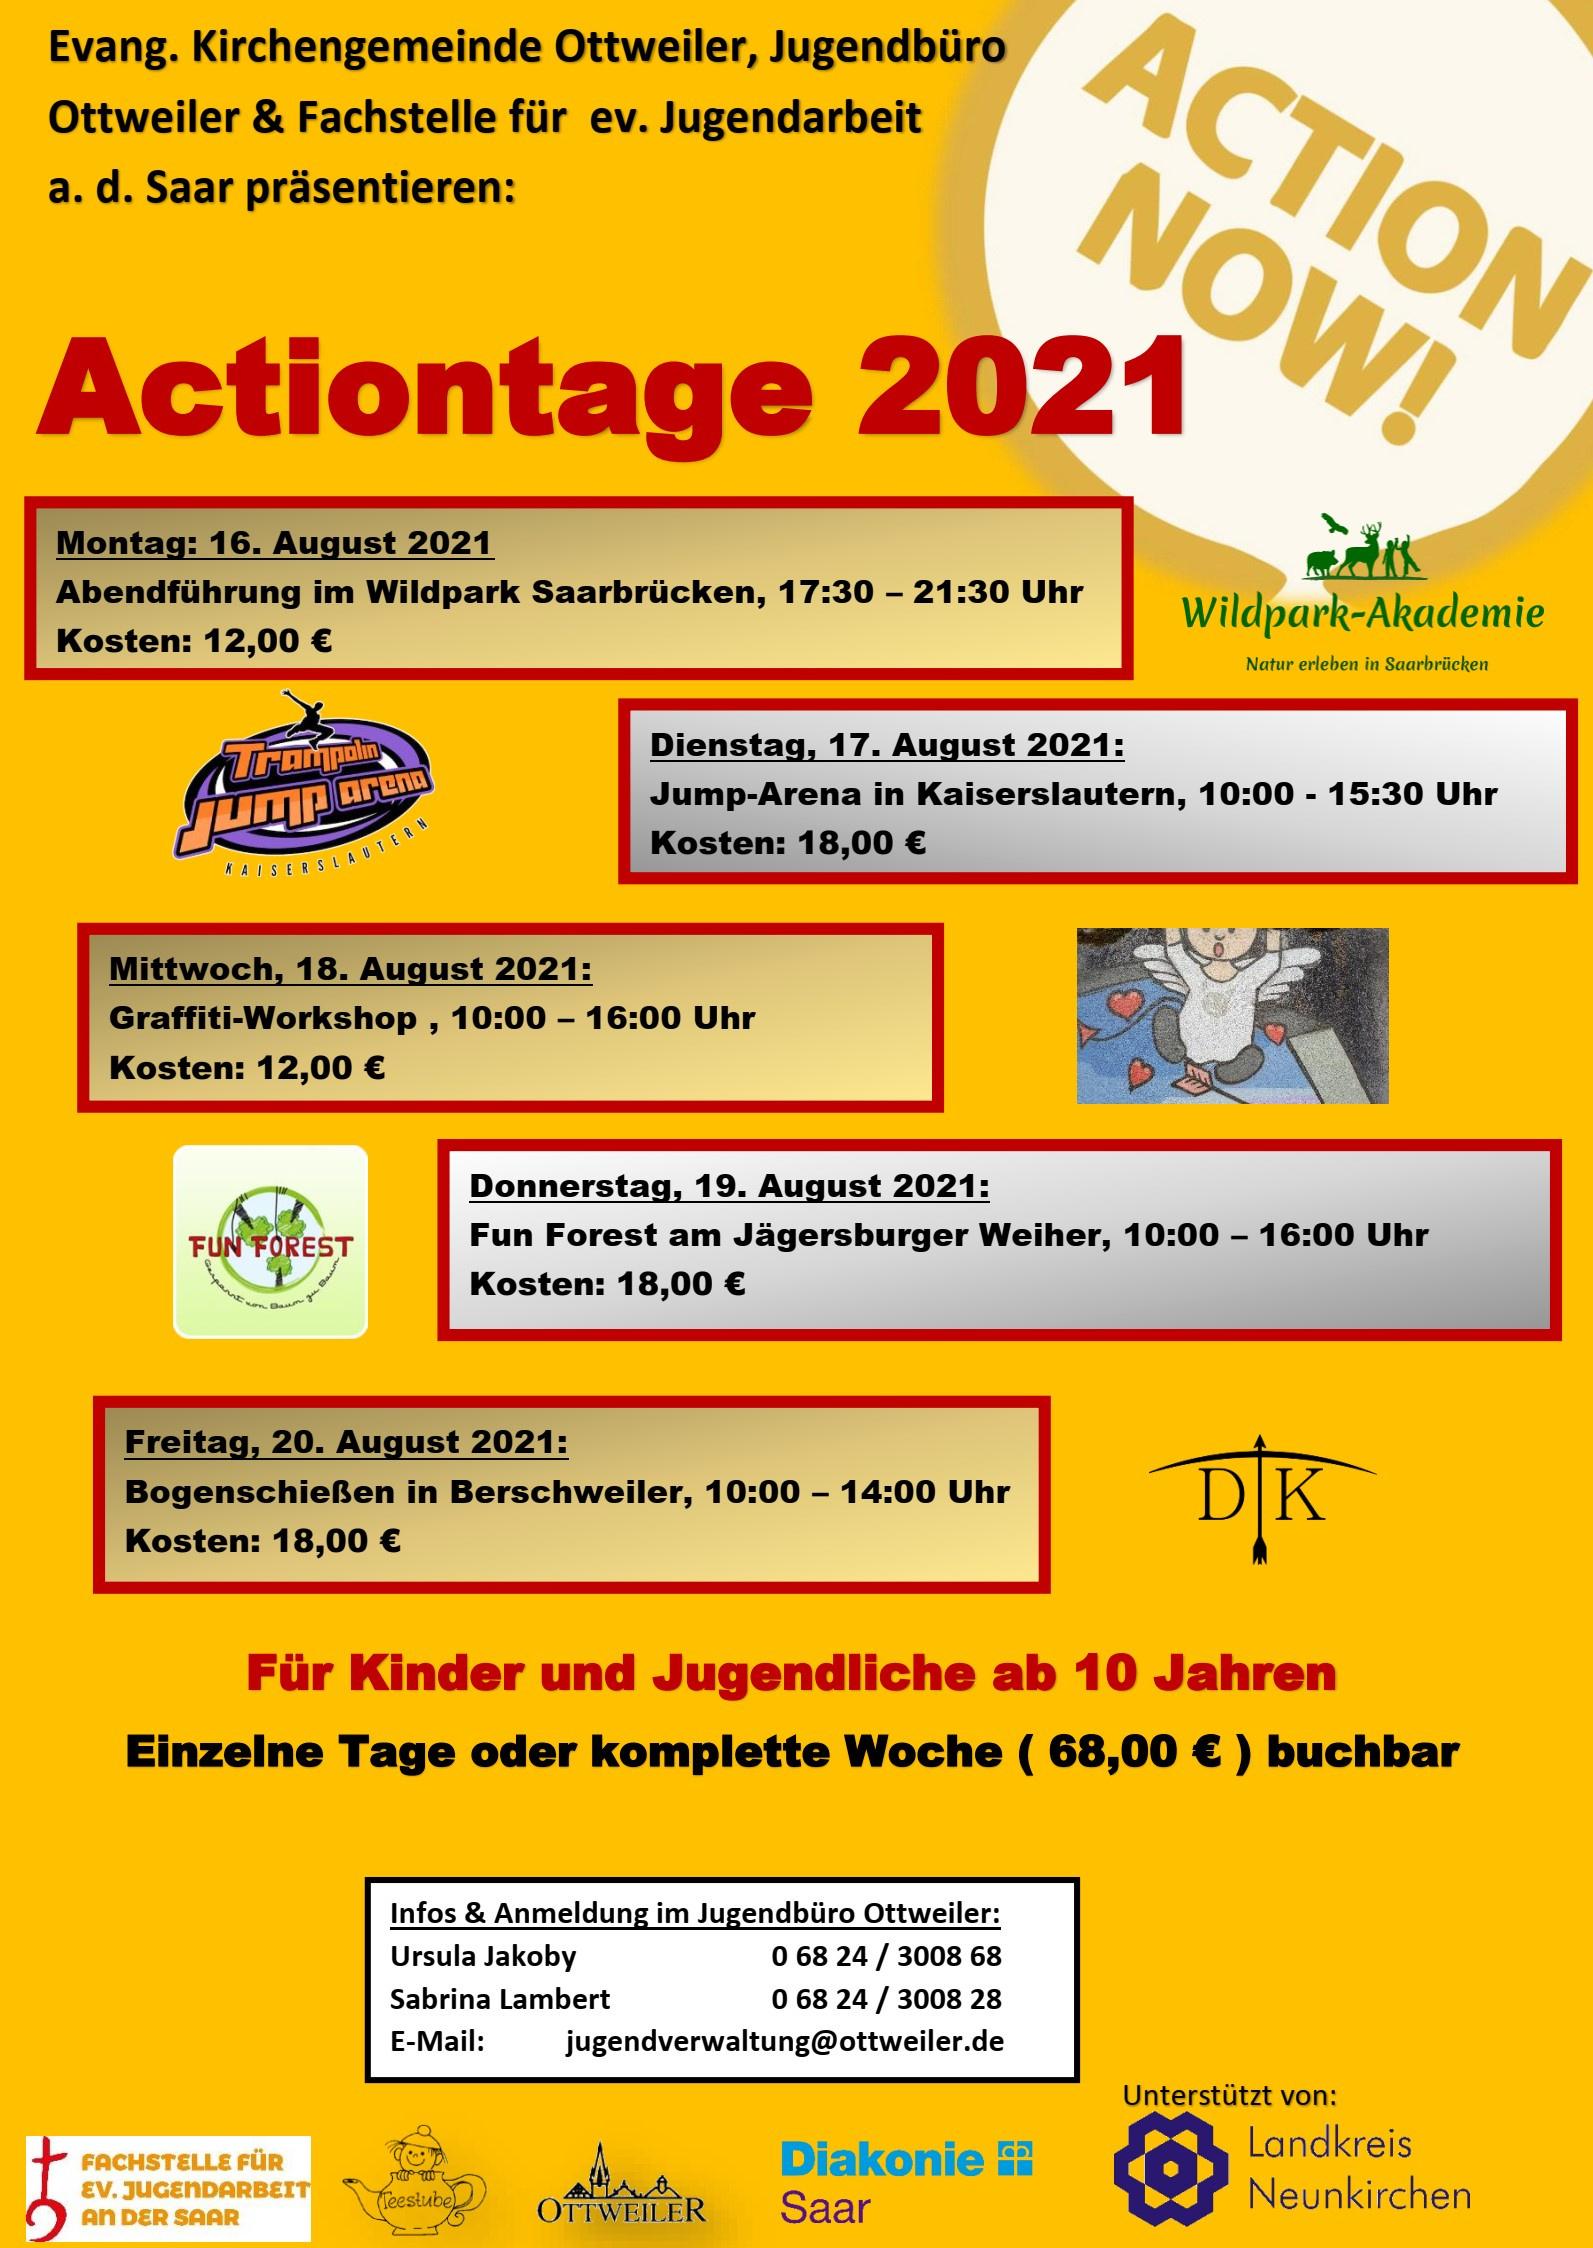 Actiontage 2021 - AUSGEBUCHT!!!